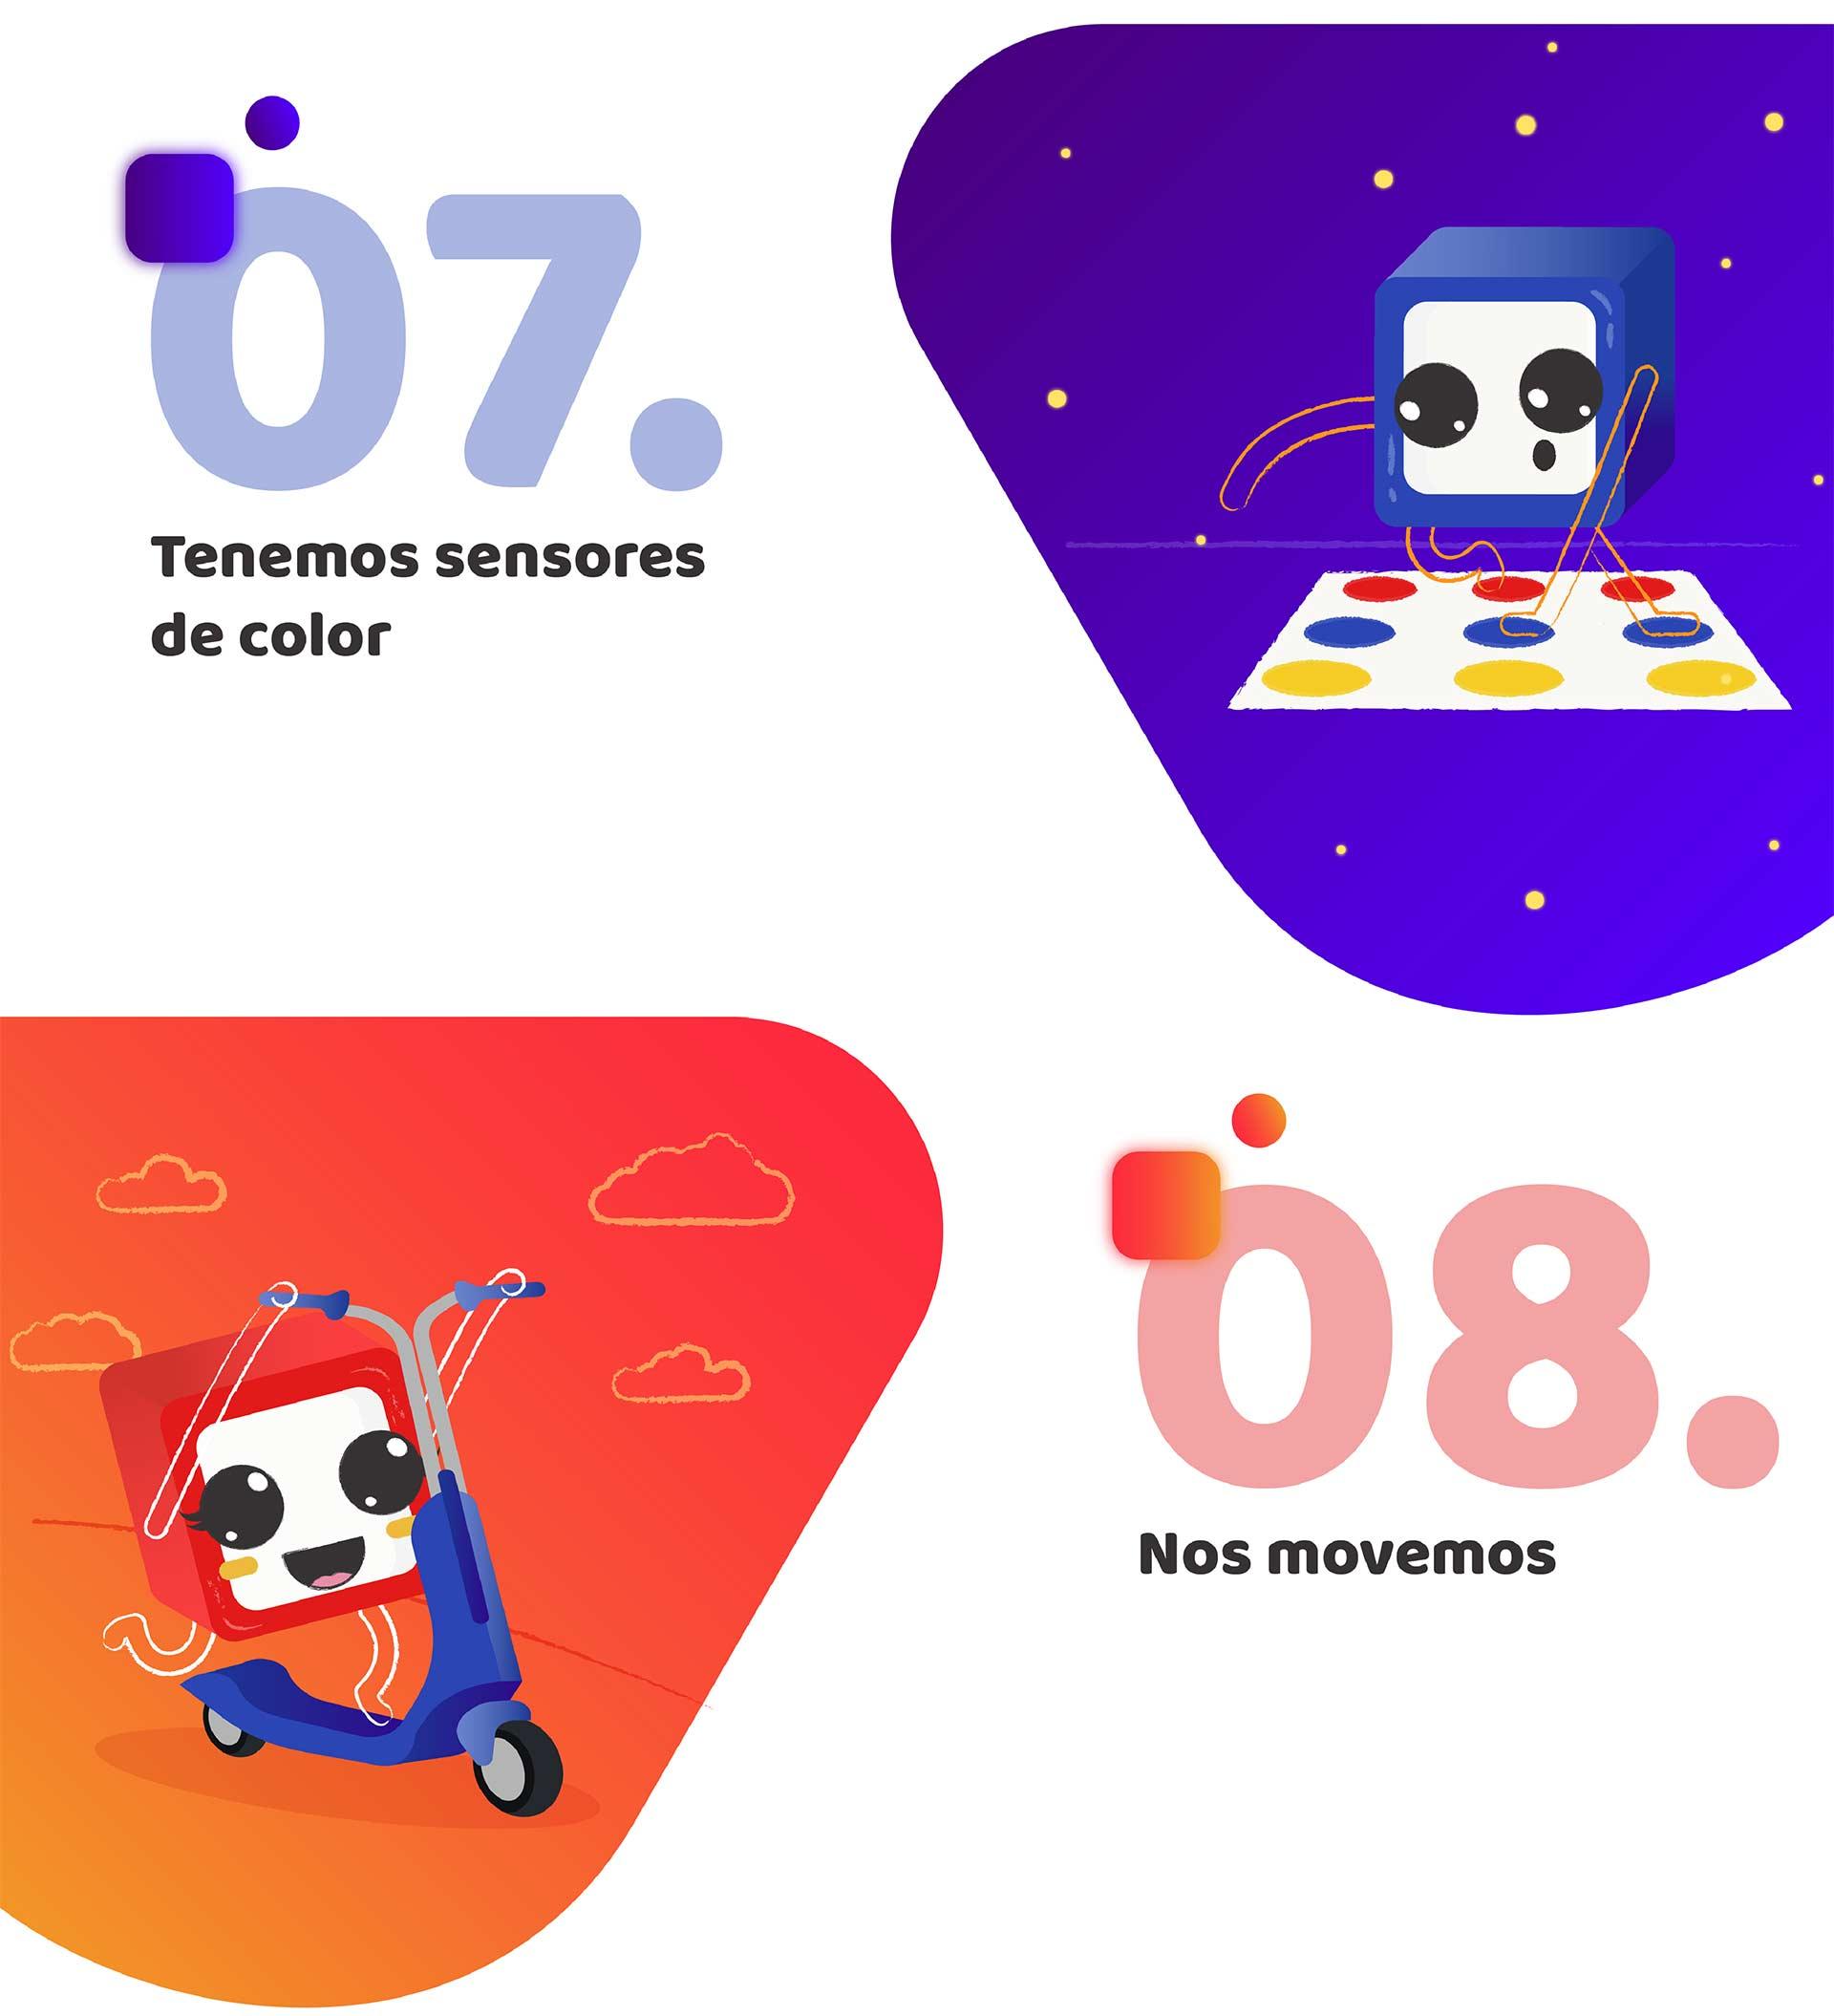 The Ifs juguetes tecnologicos para niños jessica sanmiguel diseño zaragoza-6